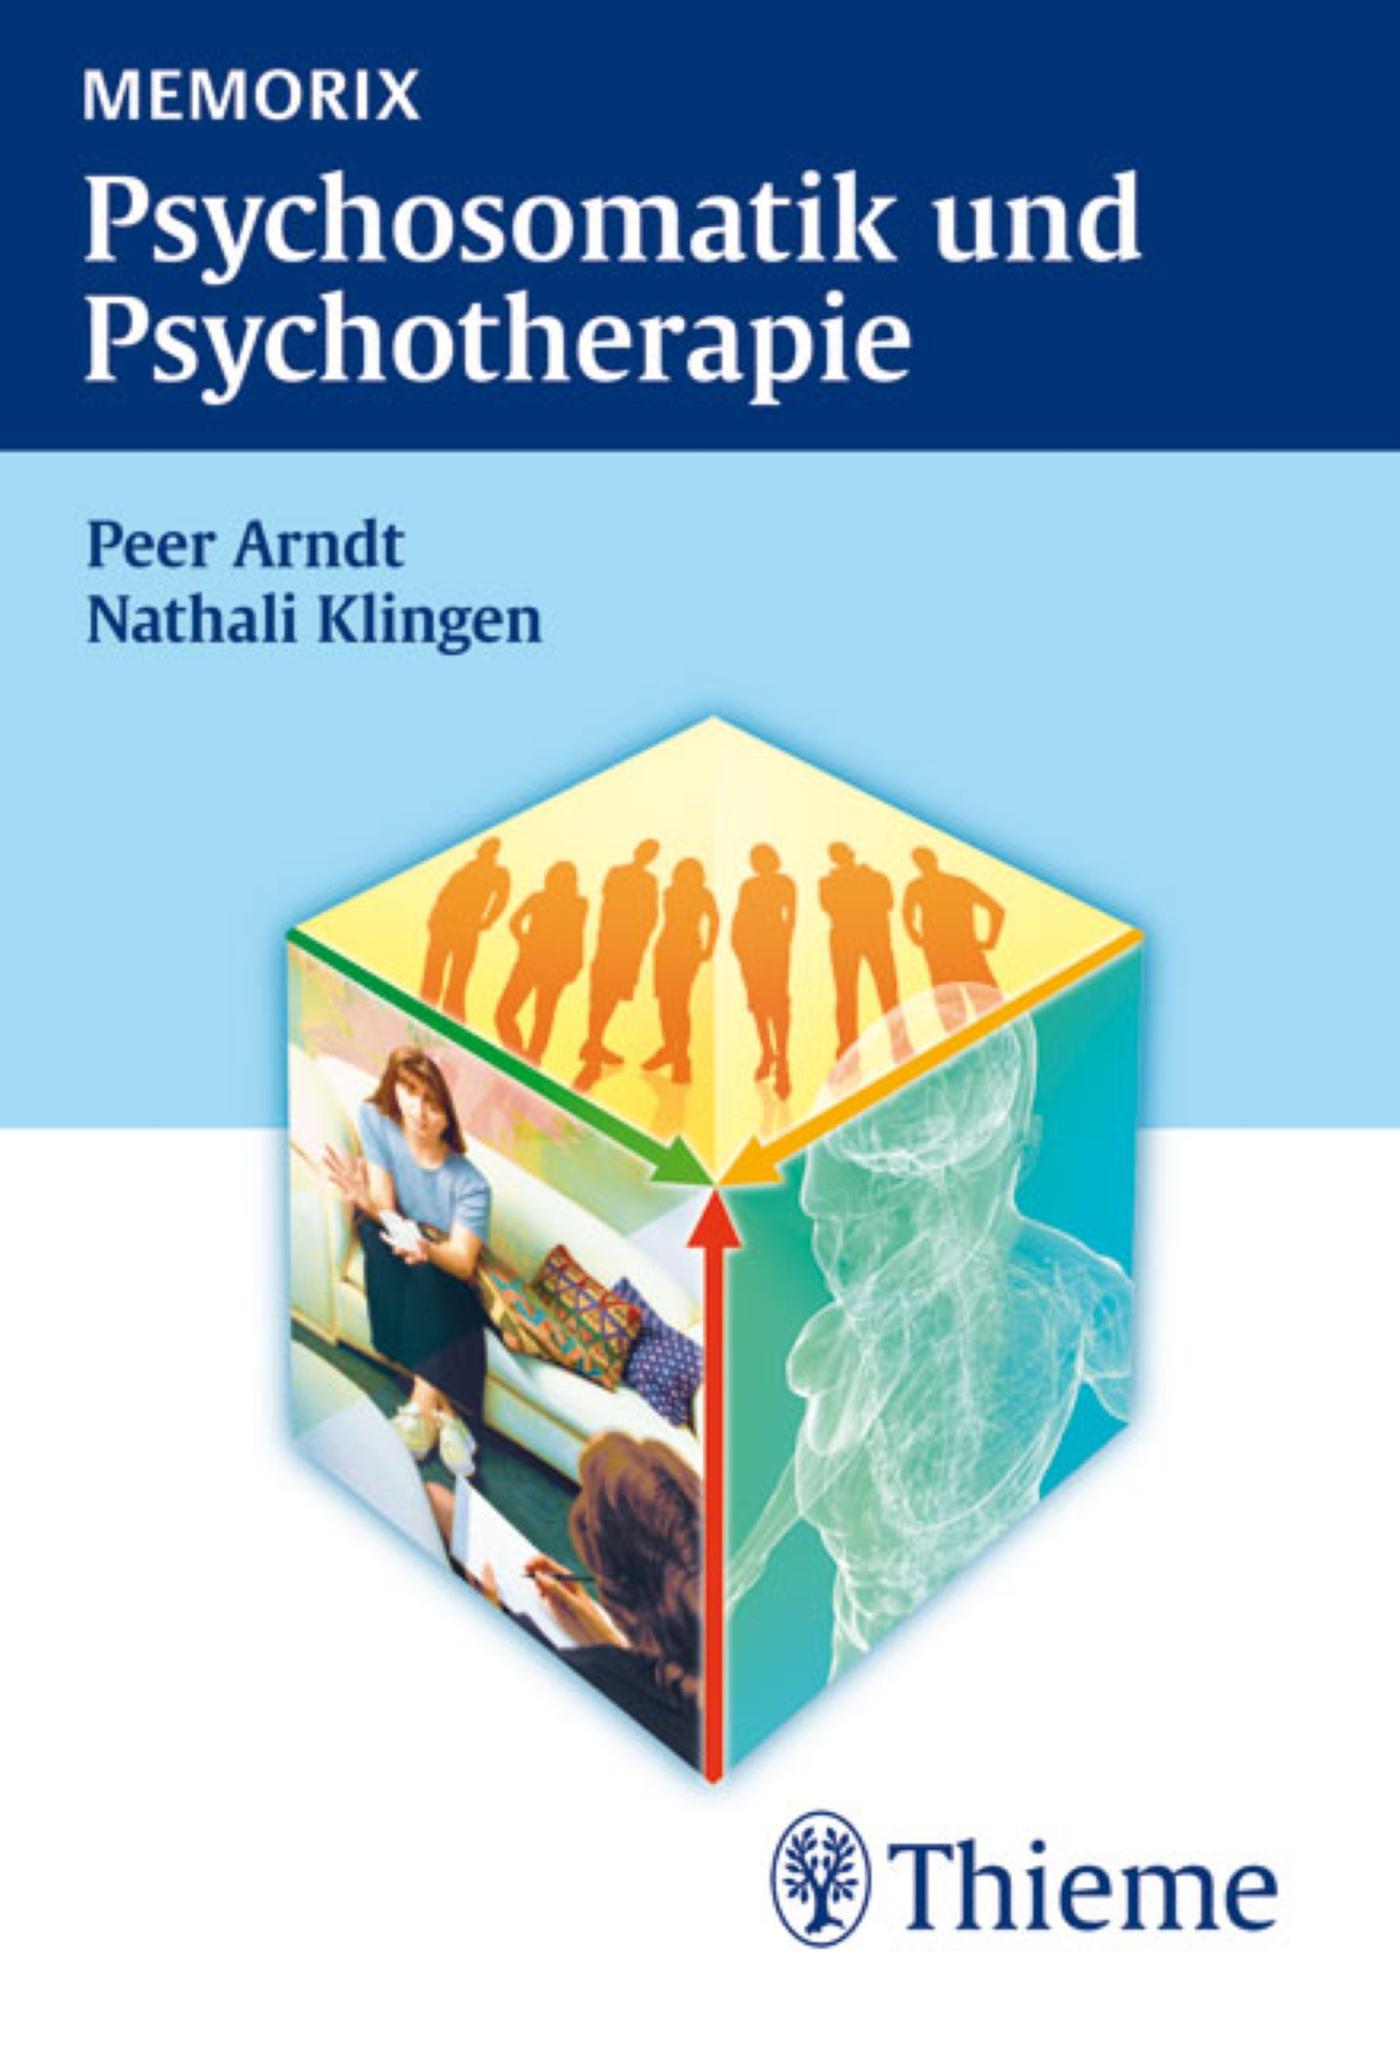 Memorix Psychosomatik und Psychotherapie